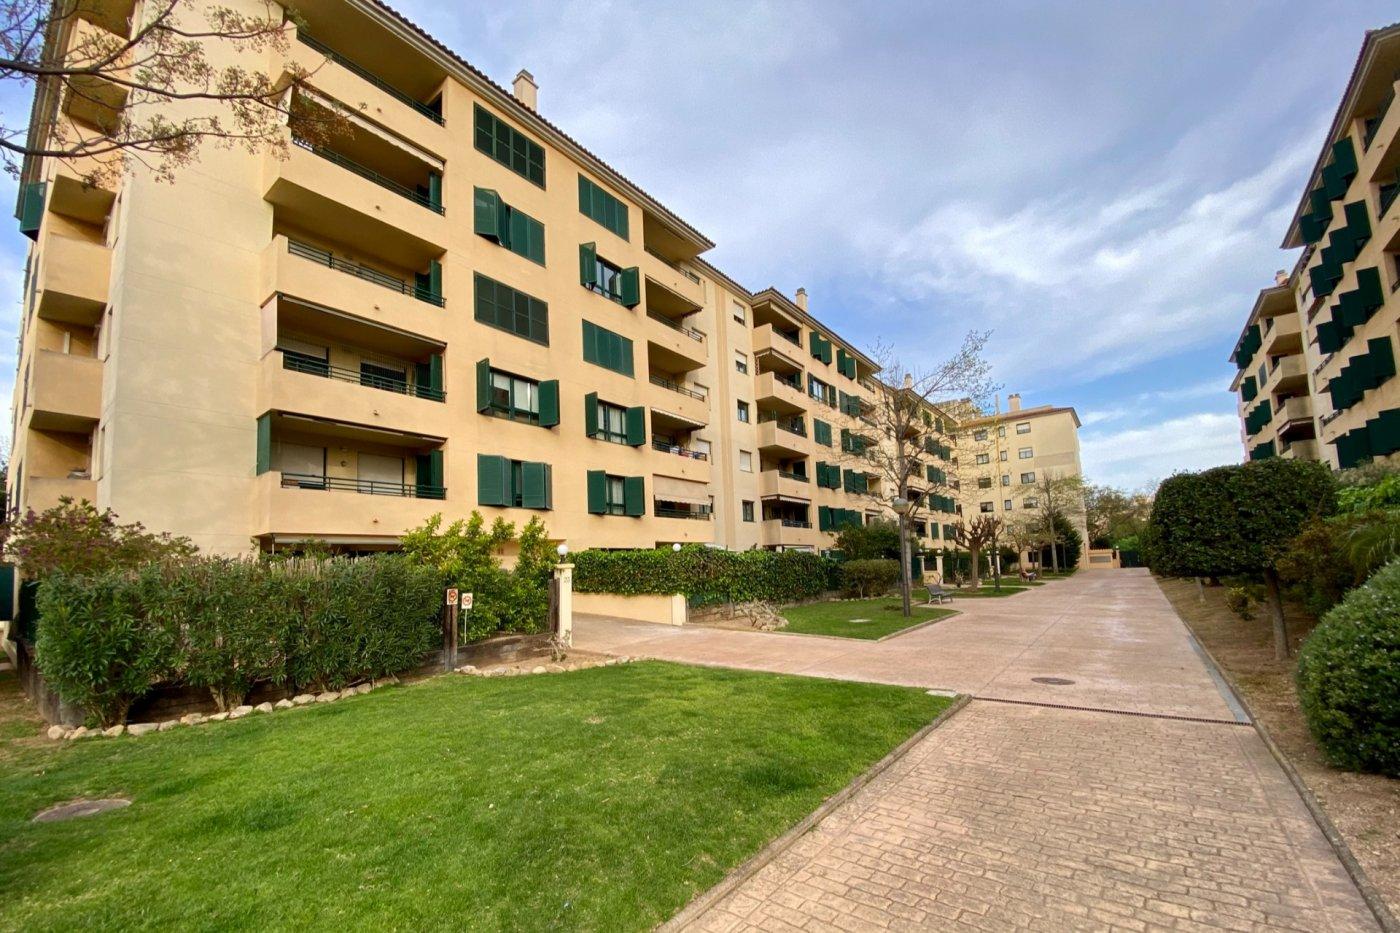 Piso sin muebles de 105 m² de superficie en zona residencial de son cotoner, palma de mall - imagenInmueble19